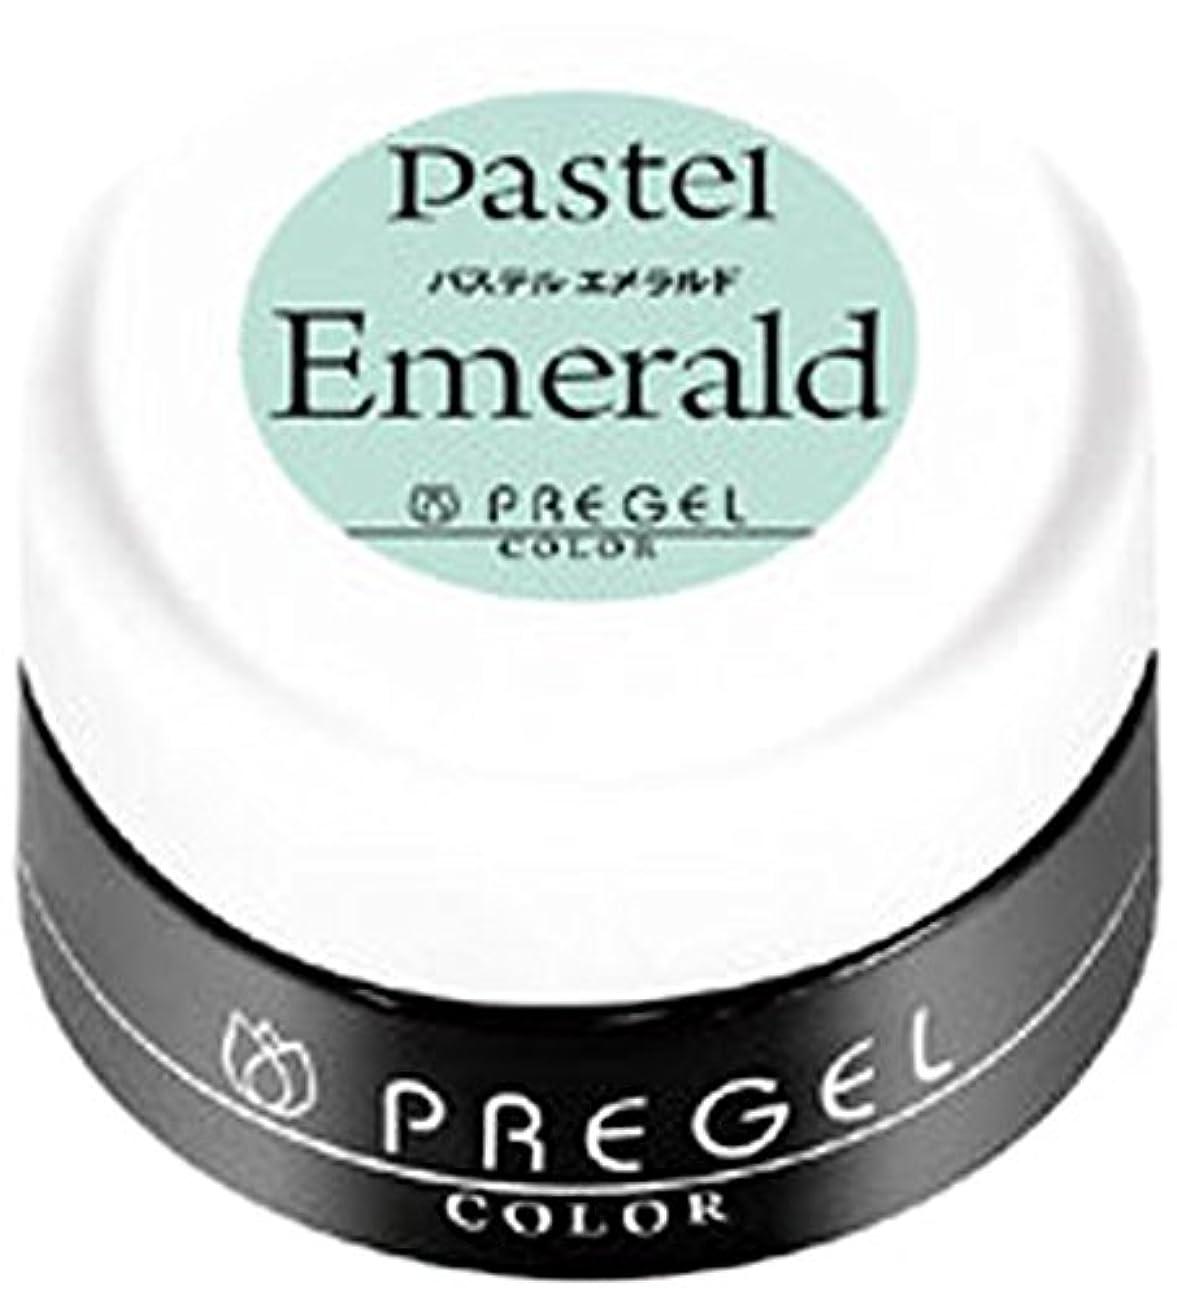 先駆者精神的に有彩色のPRE GEL ジェルネイル カラージェル パステルエメラルド 3g PG-246